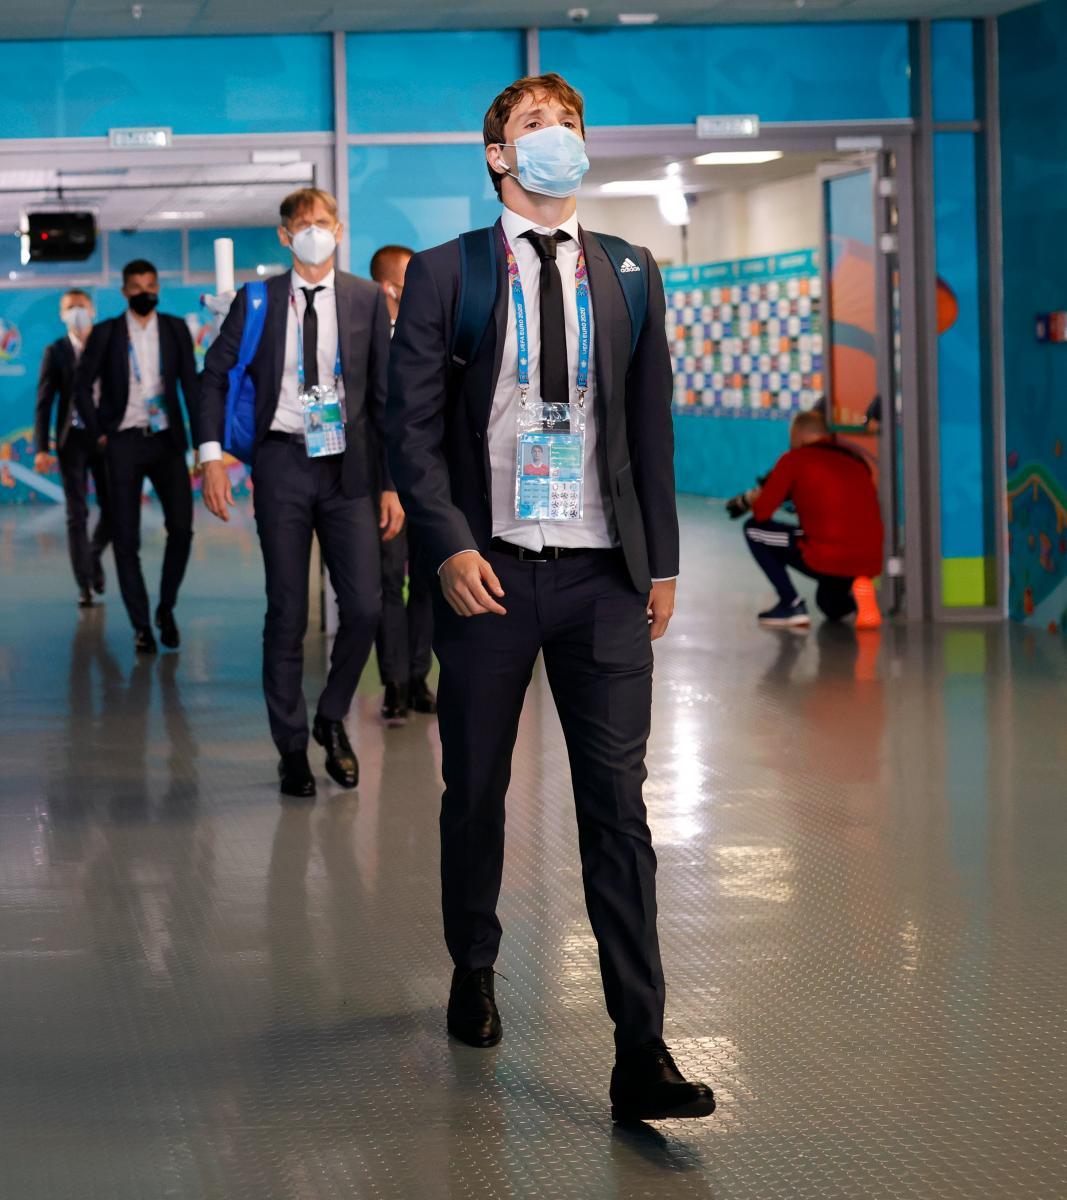 Foto: RFS/Federação Russa de Futebol